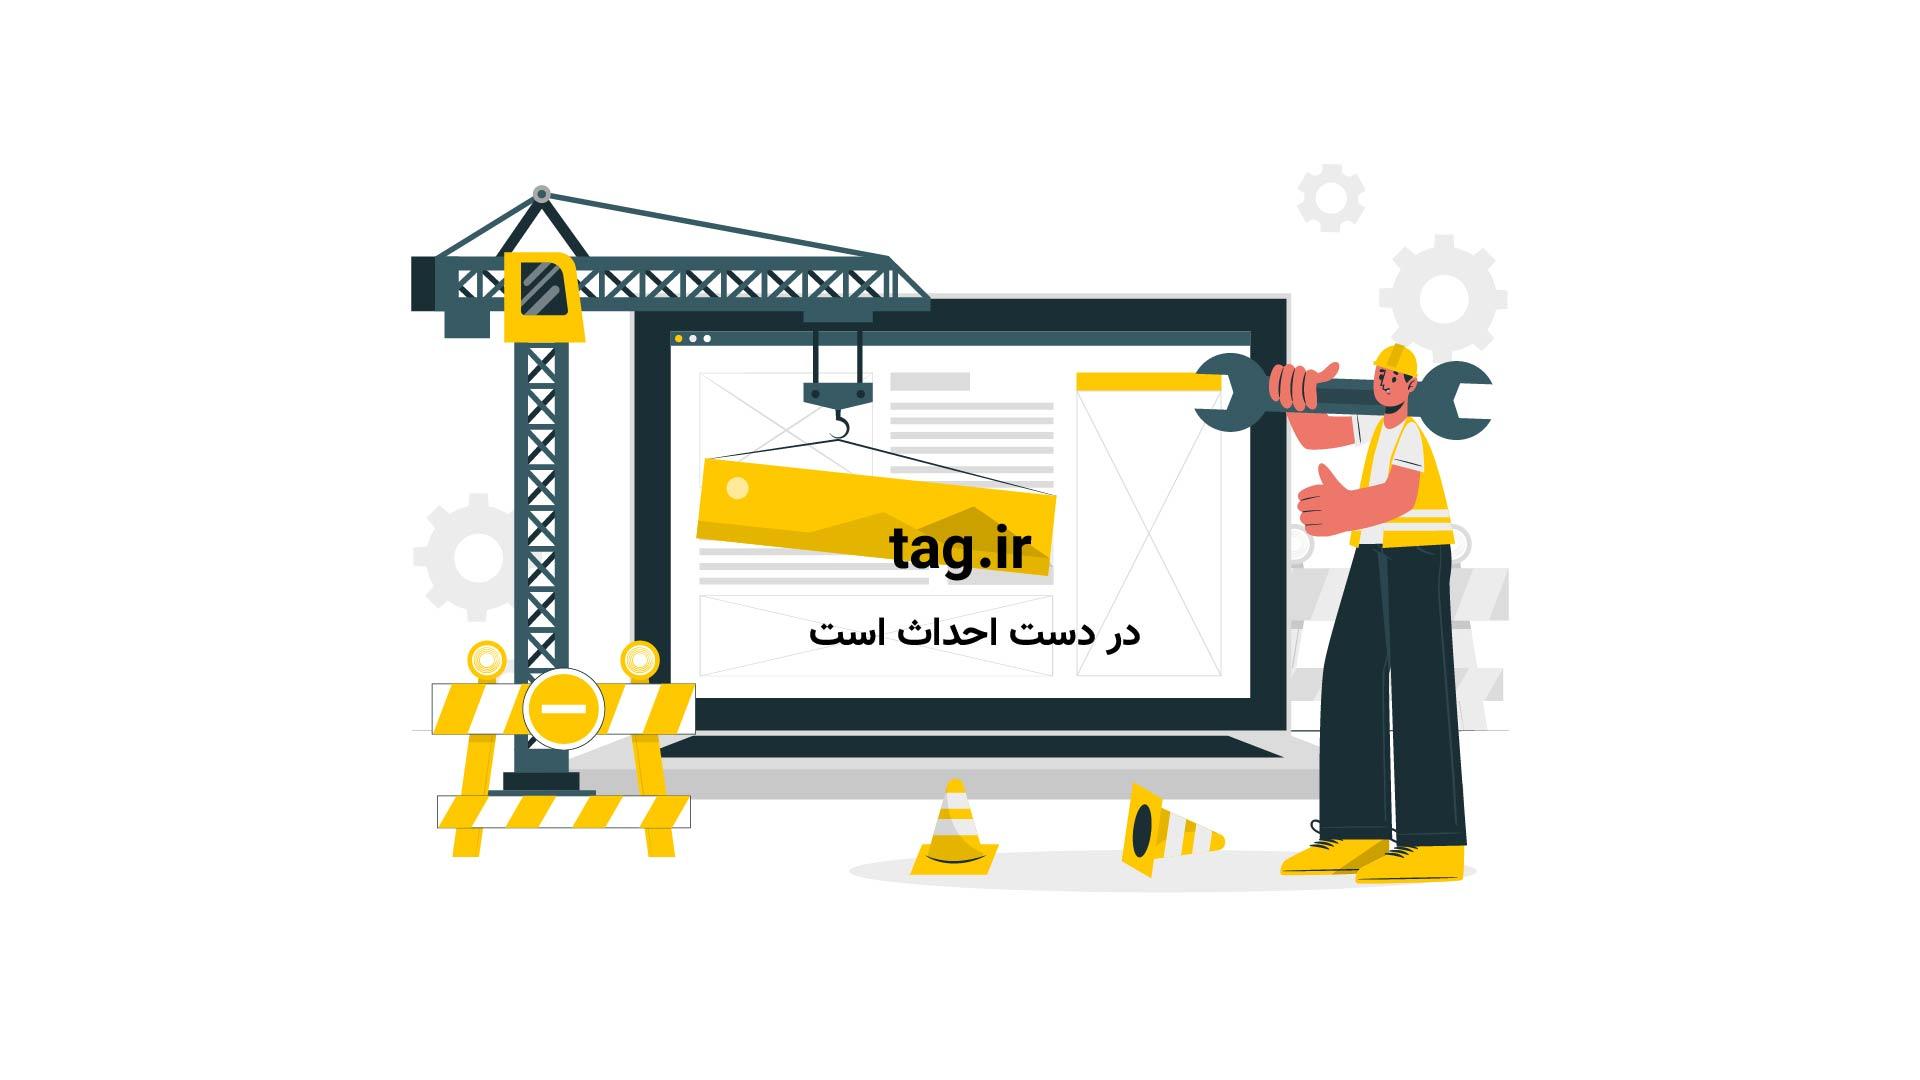 رهبر میانمار: قانونشکنان و ناقضان حقوق بشر مجازات خواهند شد | فیلم